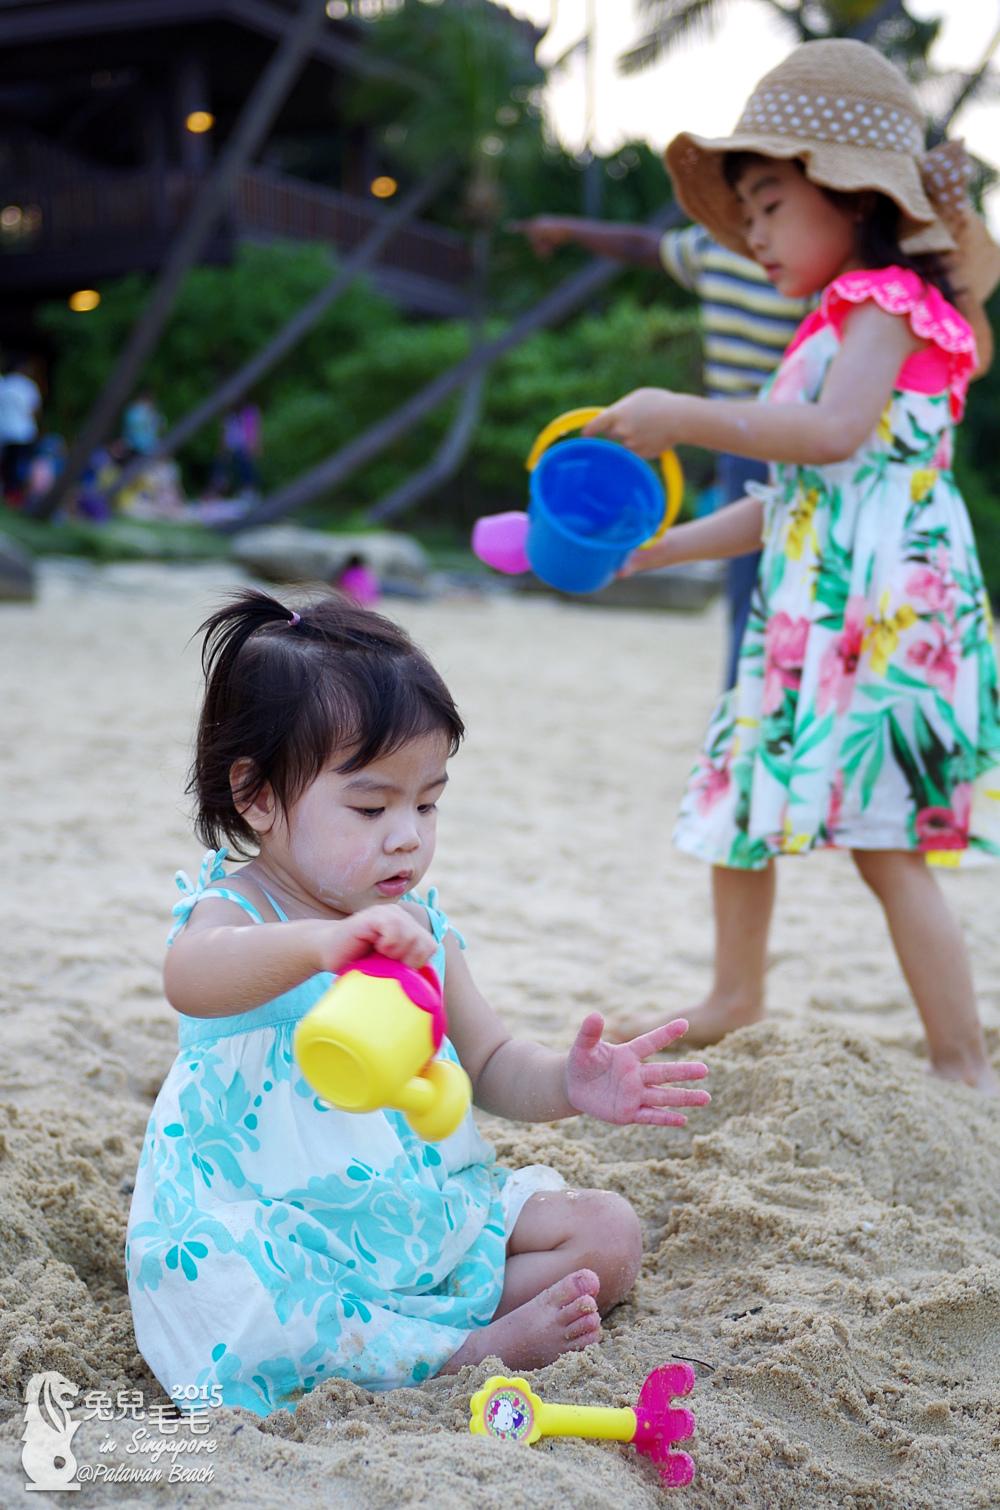 0215-palawan beach-31.jpg